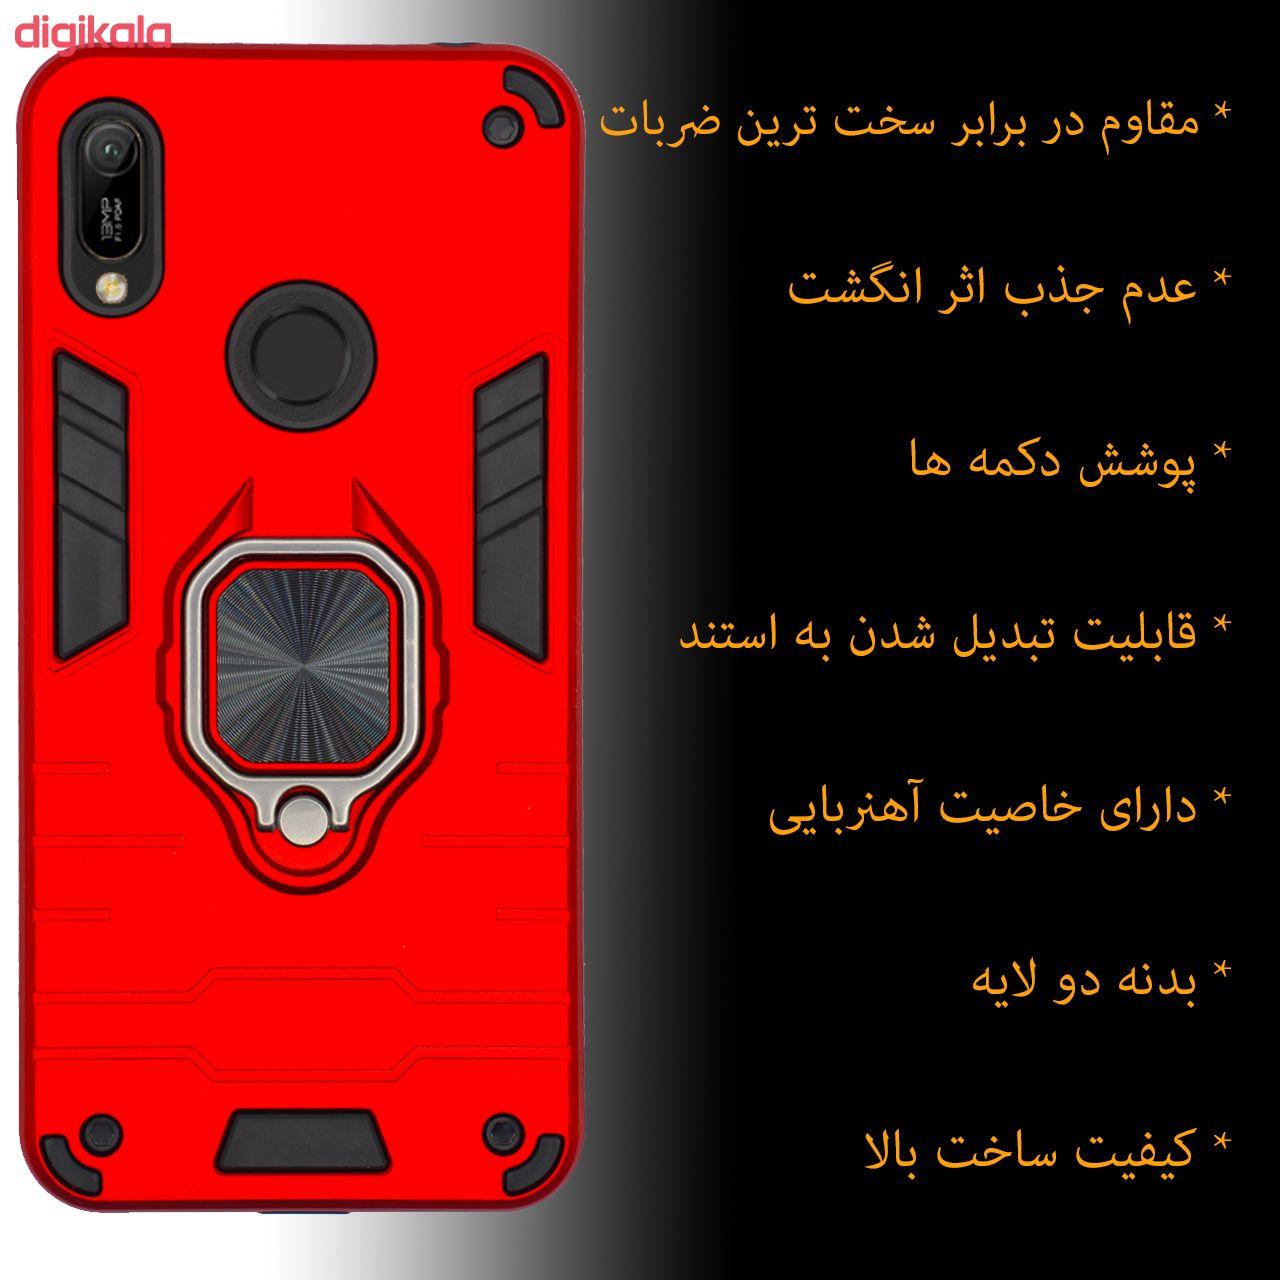 کاور کینگ پاور مدل ASH22 مناسب برای گوشی موبایل هوآوی Y6 Prime 2019 / Y6S / آنر 8A main 1 3